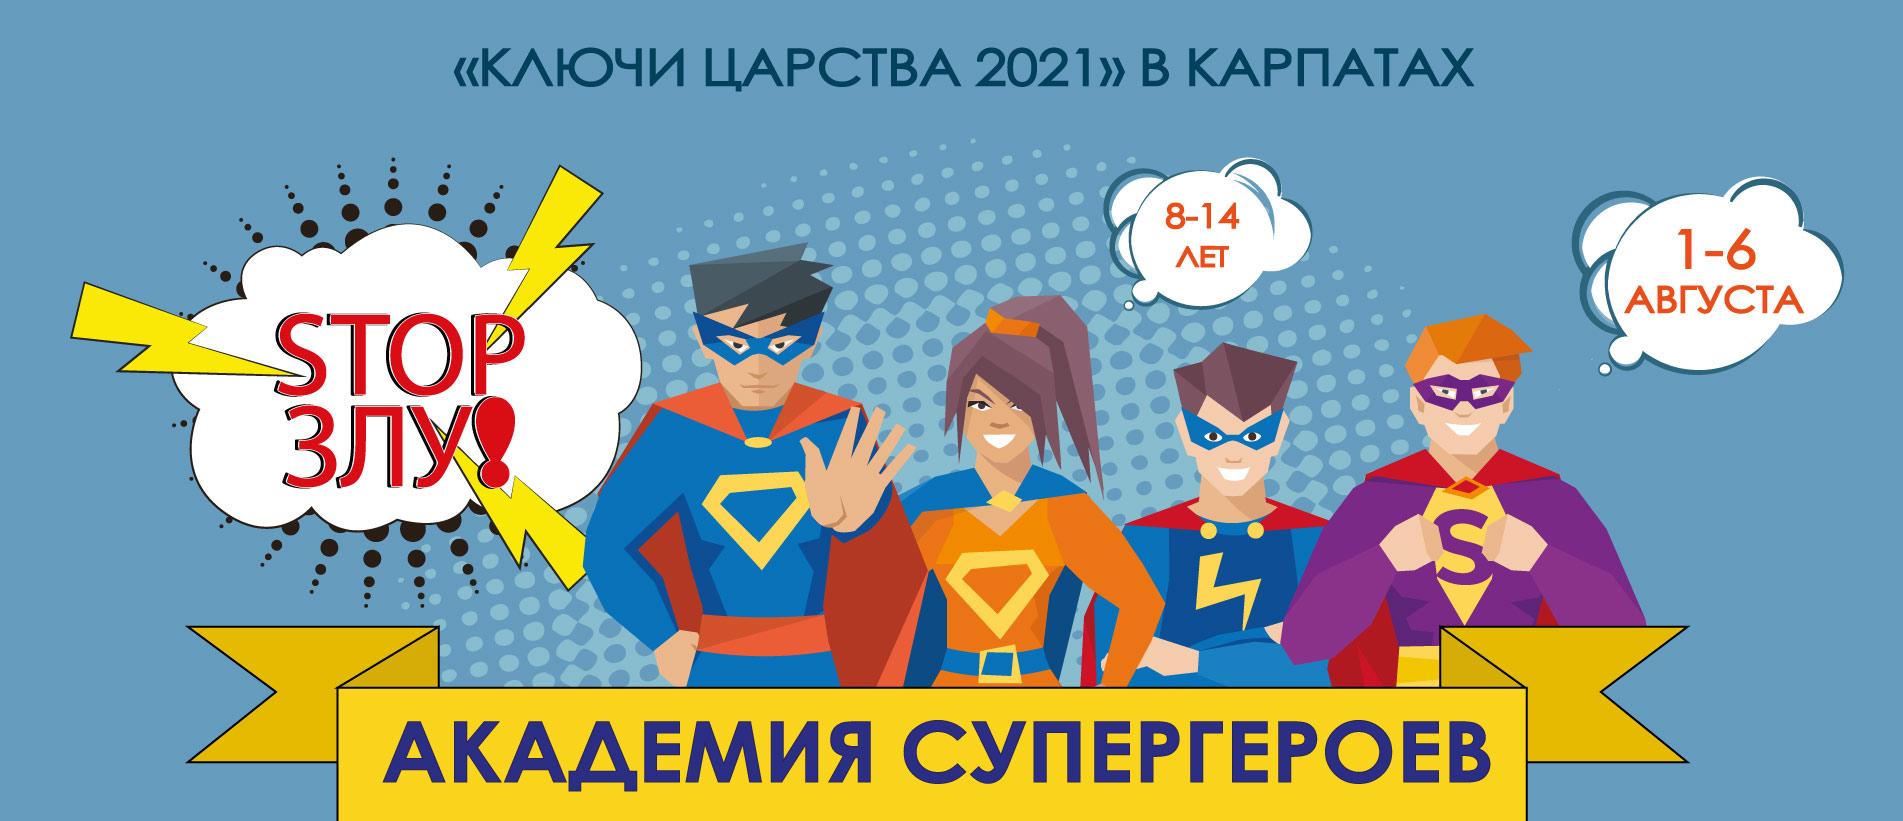 Детский христианский лагерь в Карпатах «Ключи Царства 2021»